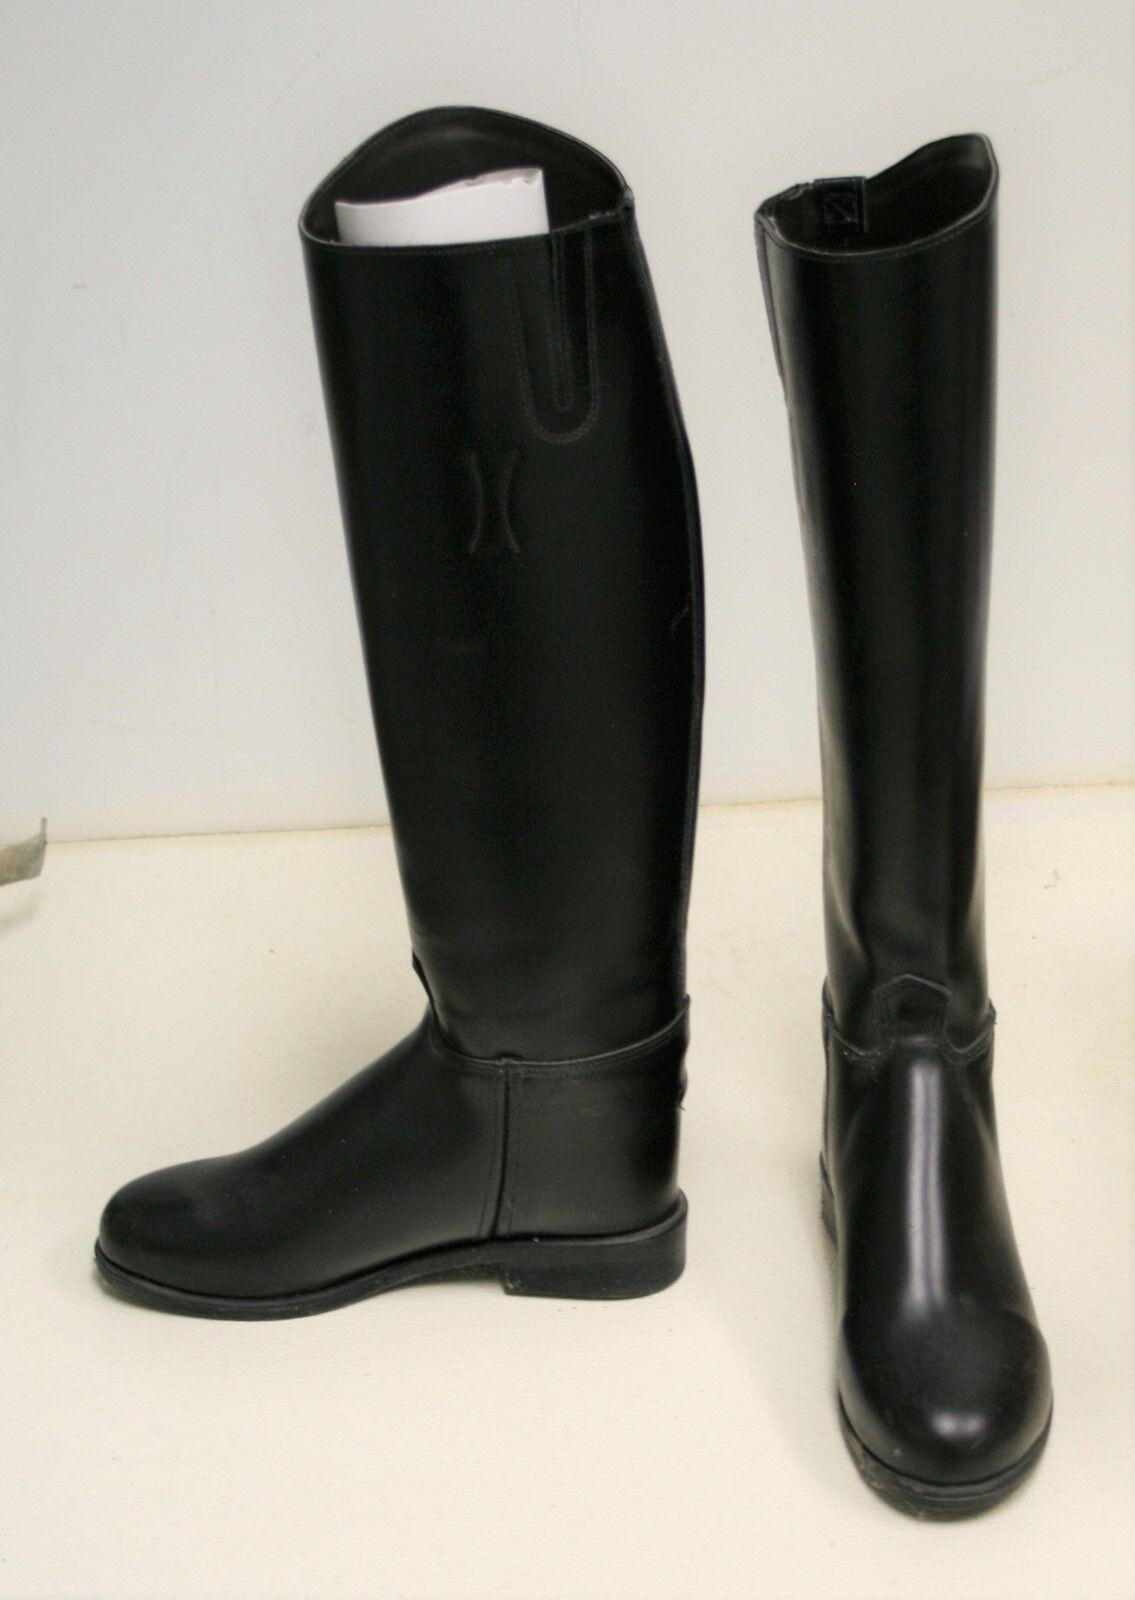 NEW Devon Aire English Tall Kleid Stiefel - Größe 7.5, Regular Calf